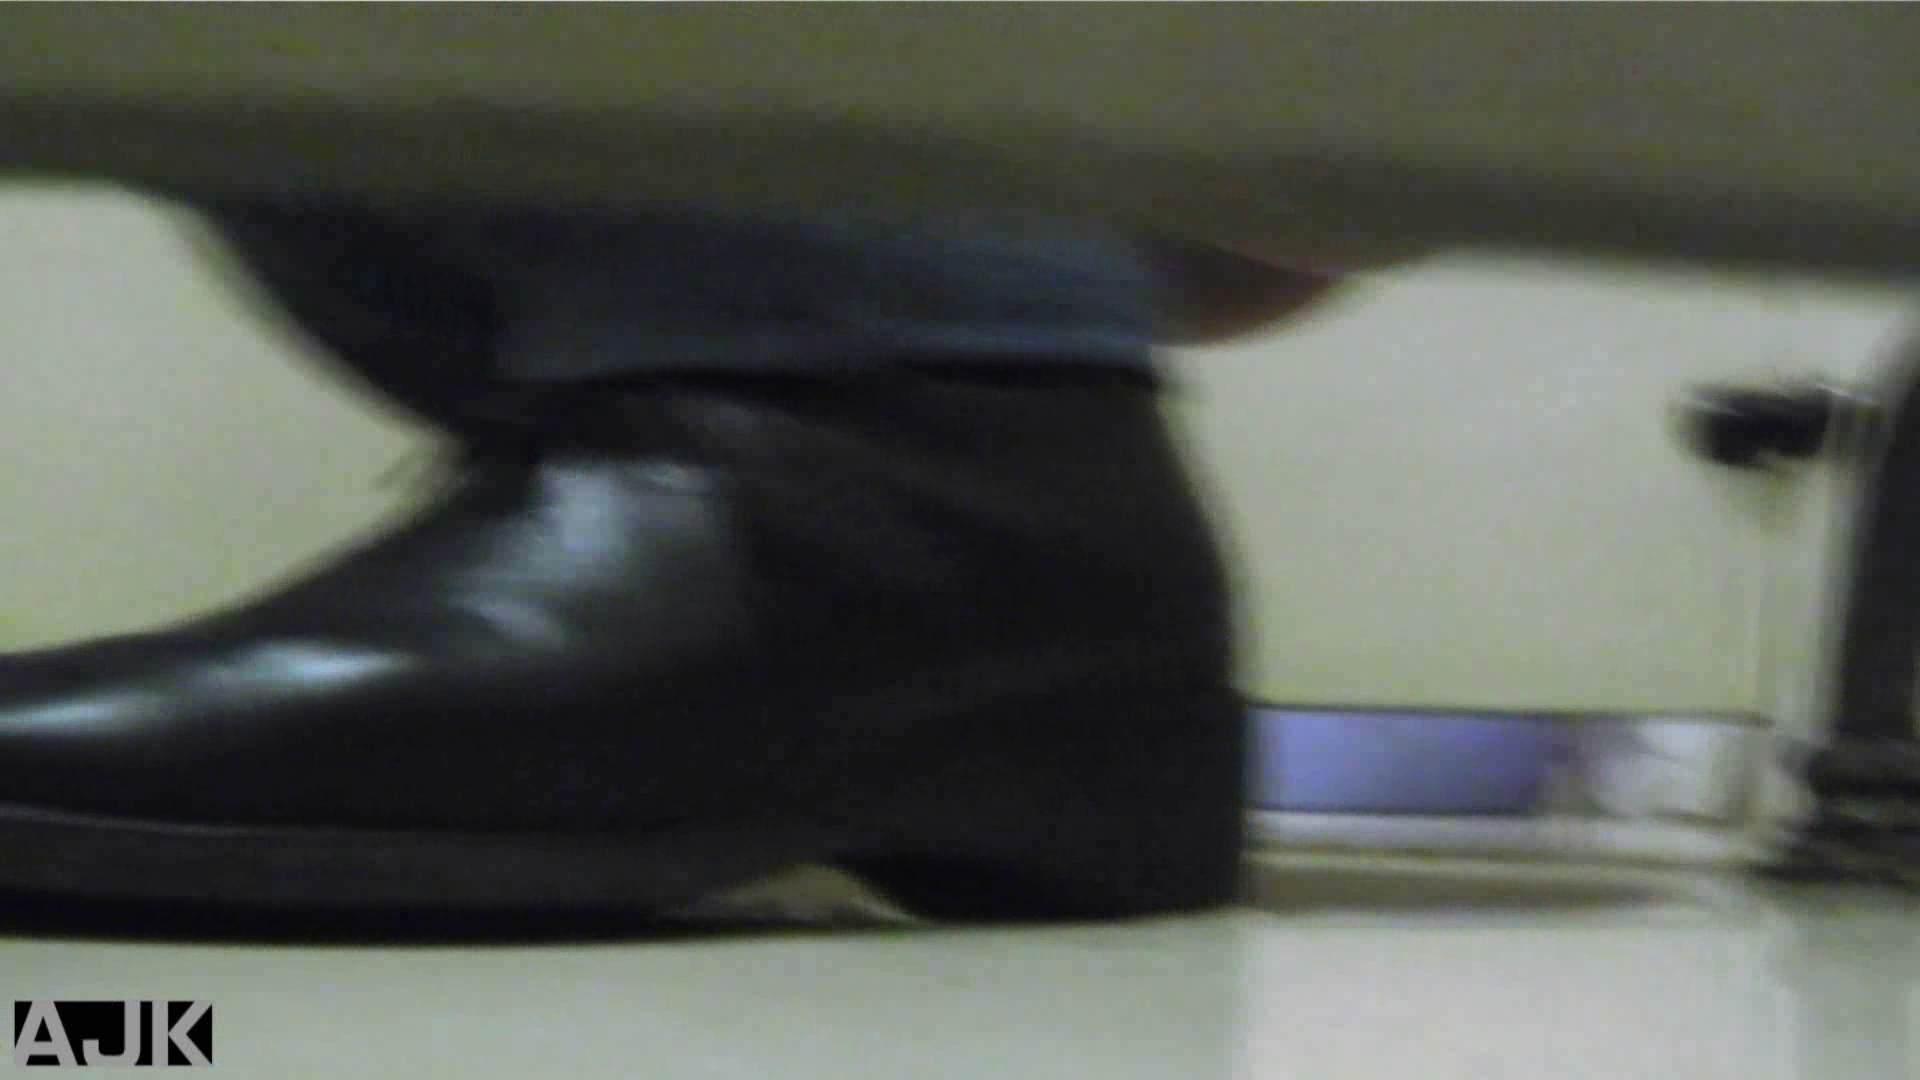 隣国上階級エリアの令嬢たちが集うデパートお手洗い Vol.28 お手洗い  89pic 2